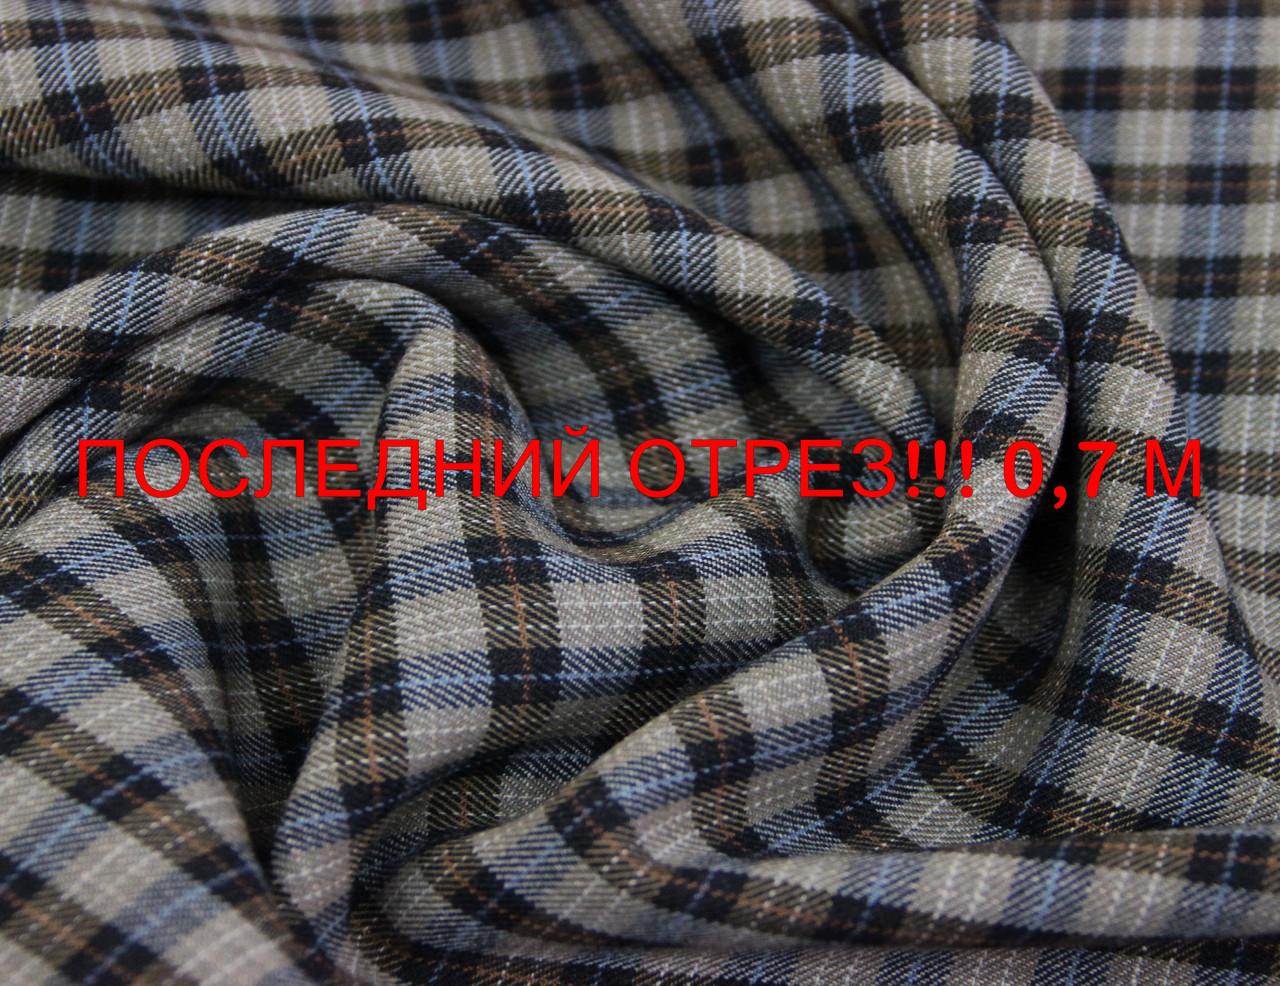 Последний отрез 0,7м. Итальянская костюмная ткань в клетку шерсть натуральная с эластаном CH 66